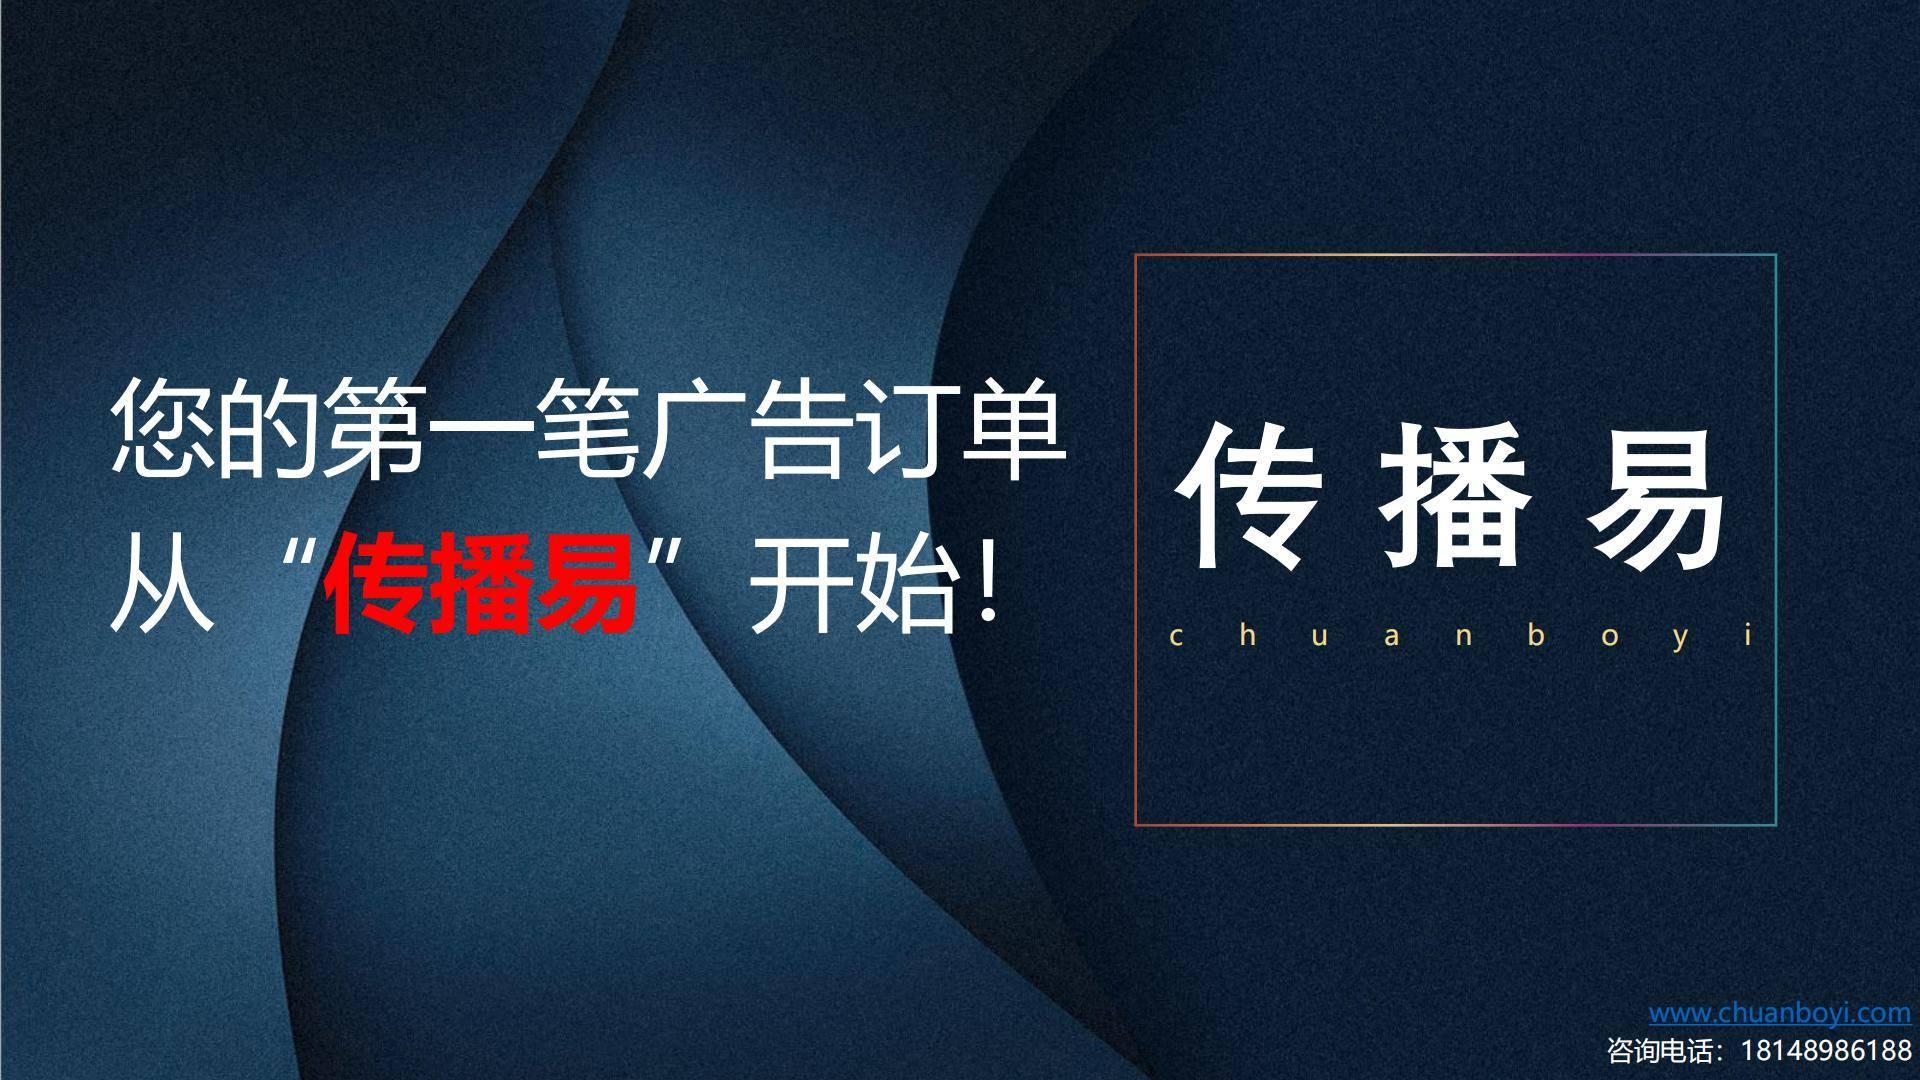 媒体主会员传播易招商2020.12.8_32.jpg